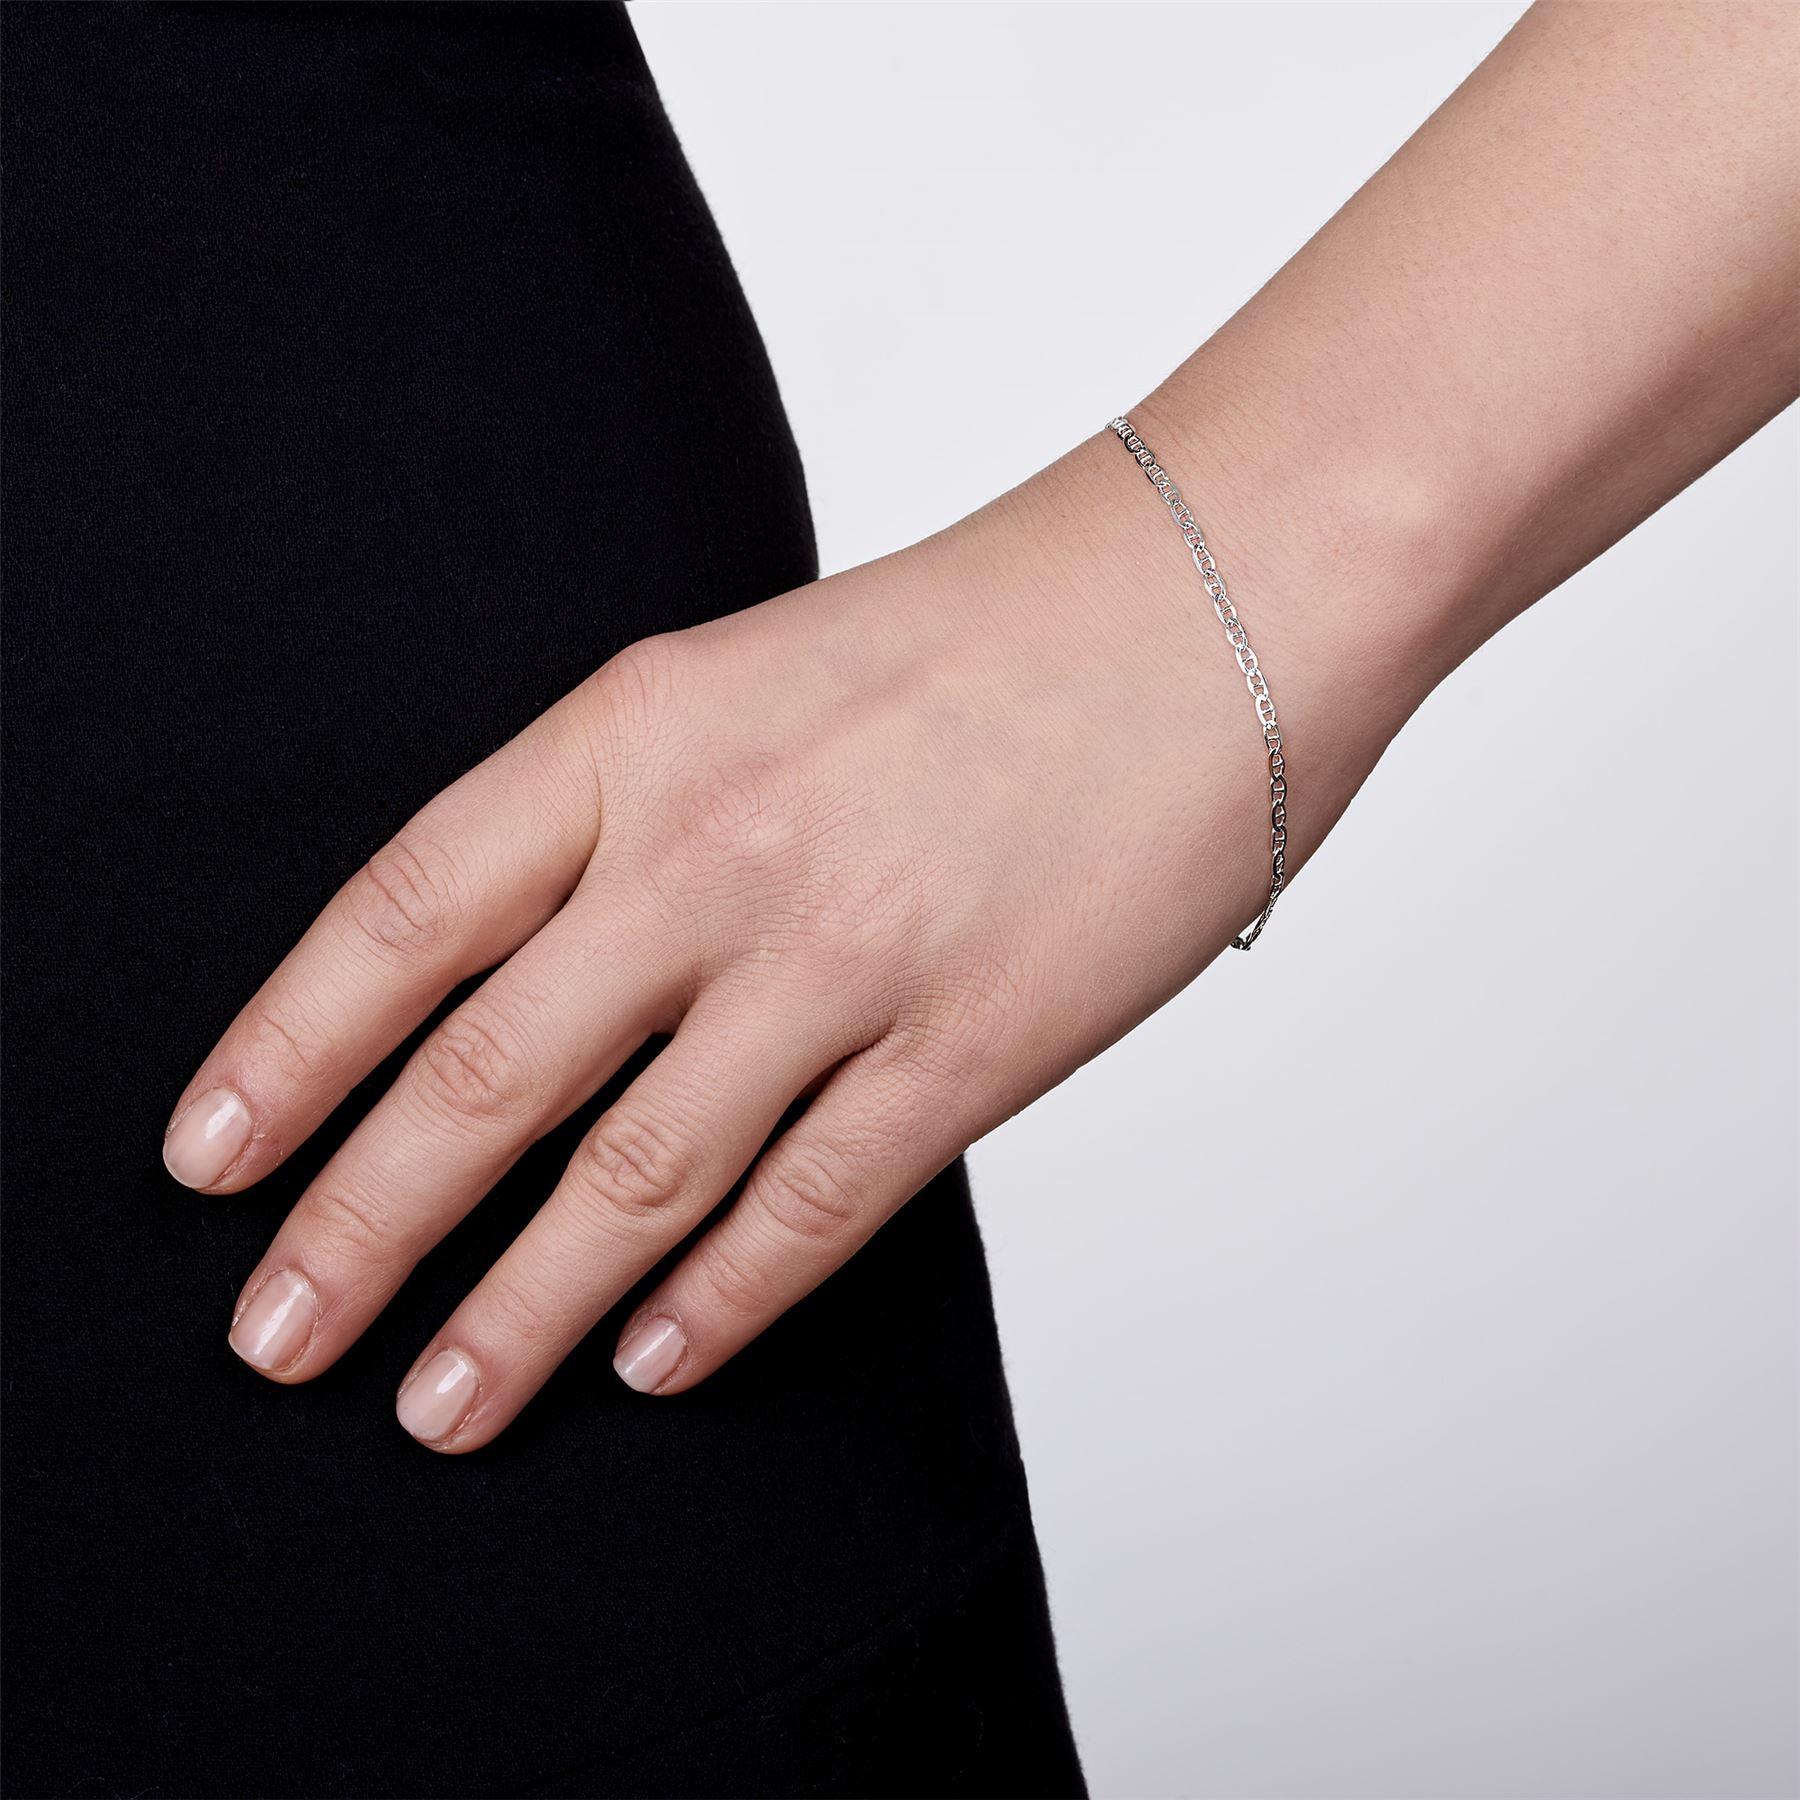 Amberta-Bijoux-Bracelet-en-Vrai-Argent-Sterling-925-Chaine-pour-Femme-a-la-Mode thumbnail 66